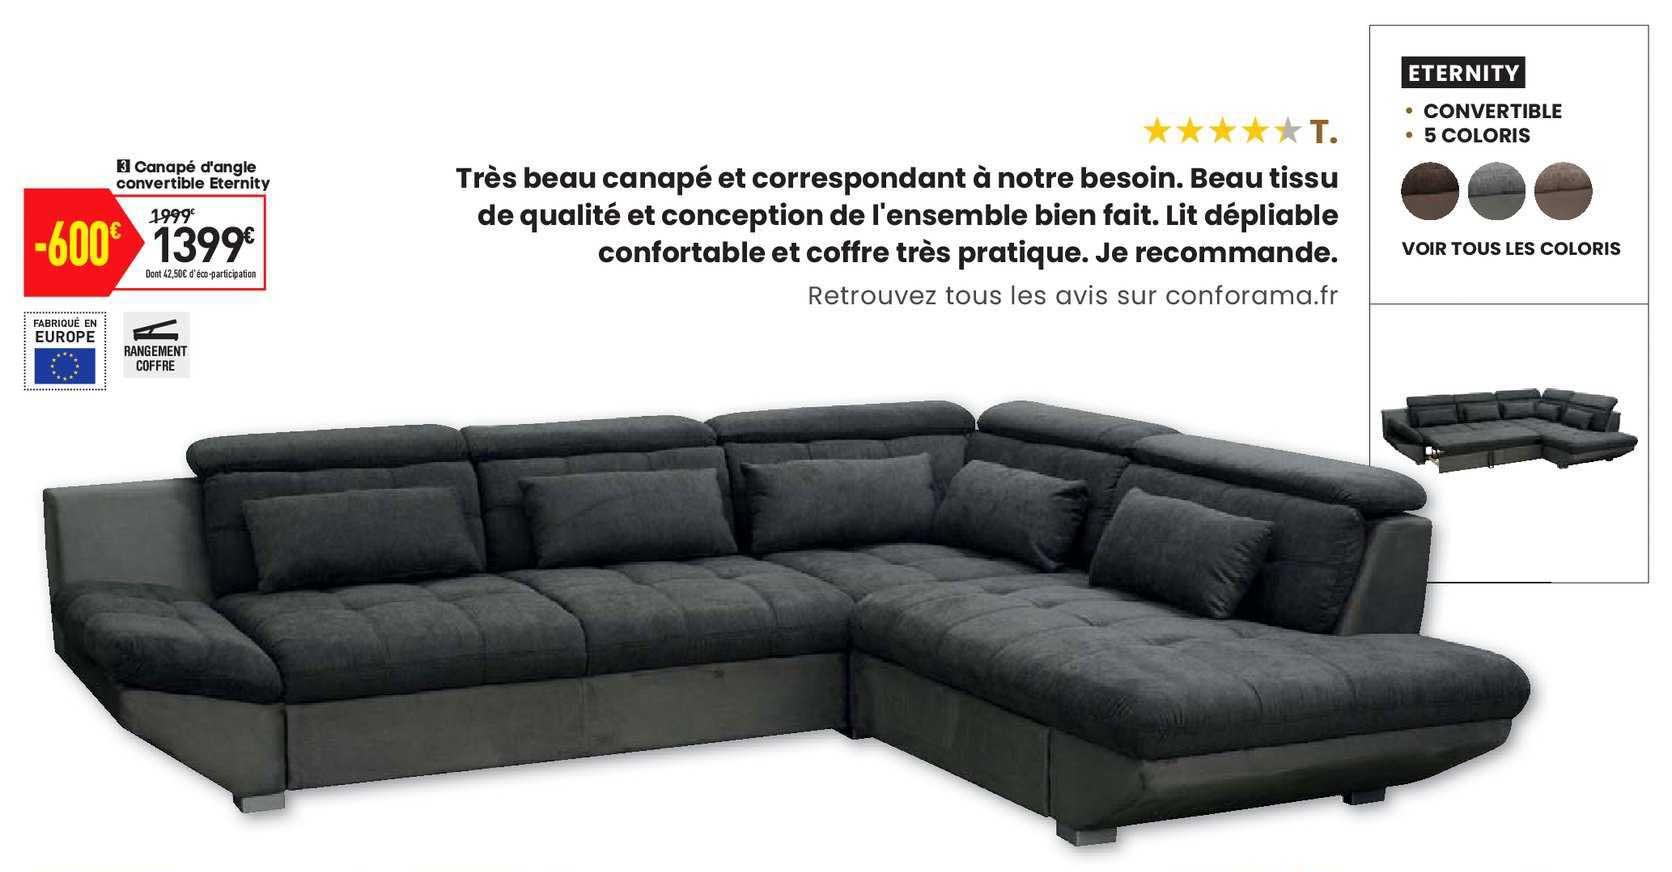 Offre Canapé D'Angle Convertible Eternity Chez Conforama pour Canapé Eternity But